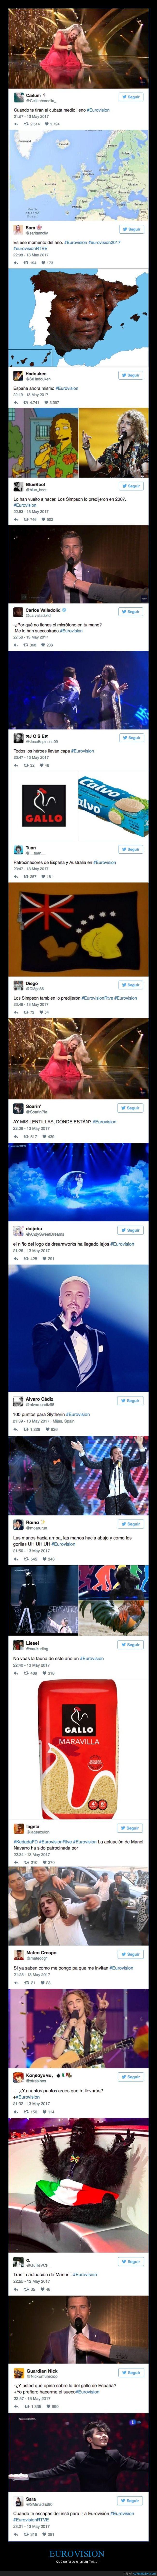 Los mejores memes que vas a ver de Eurovision 2017 - Qué sería de ellos sin Twitter